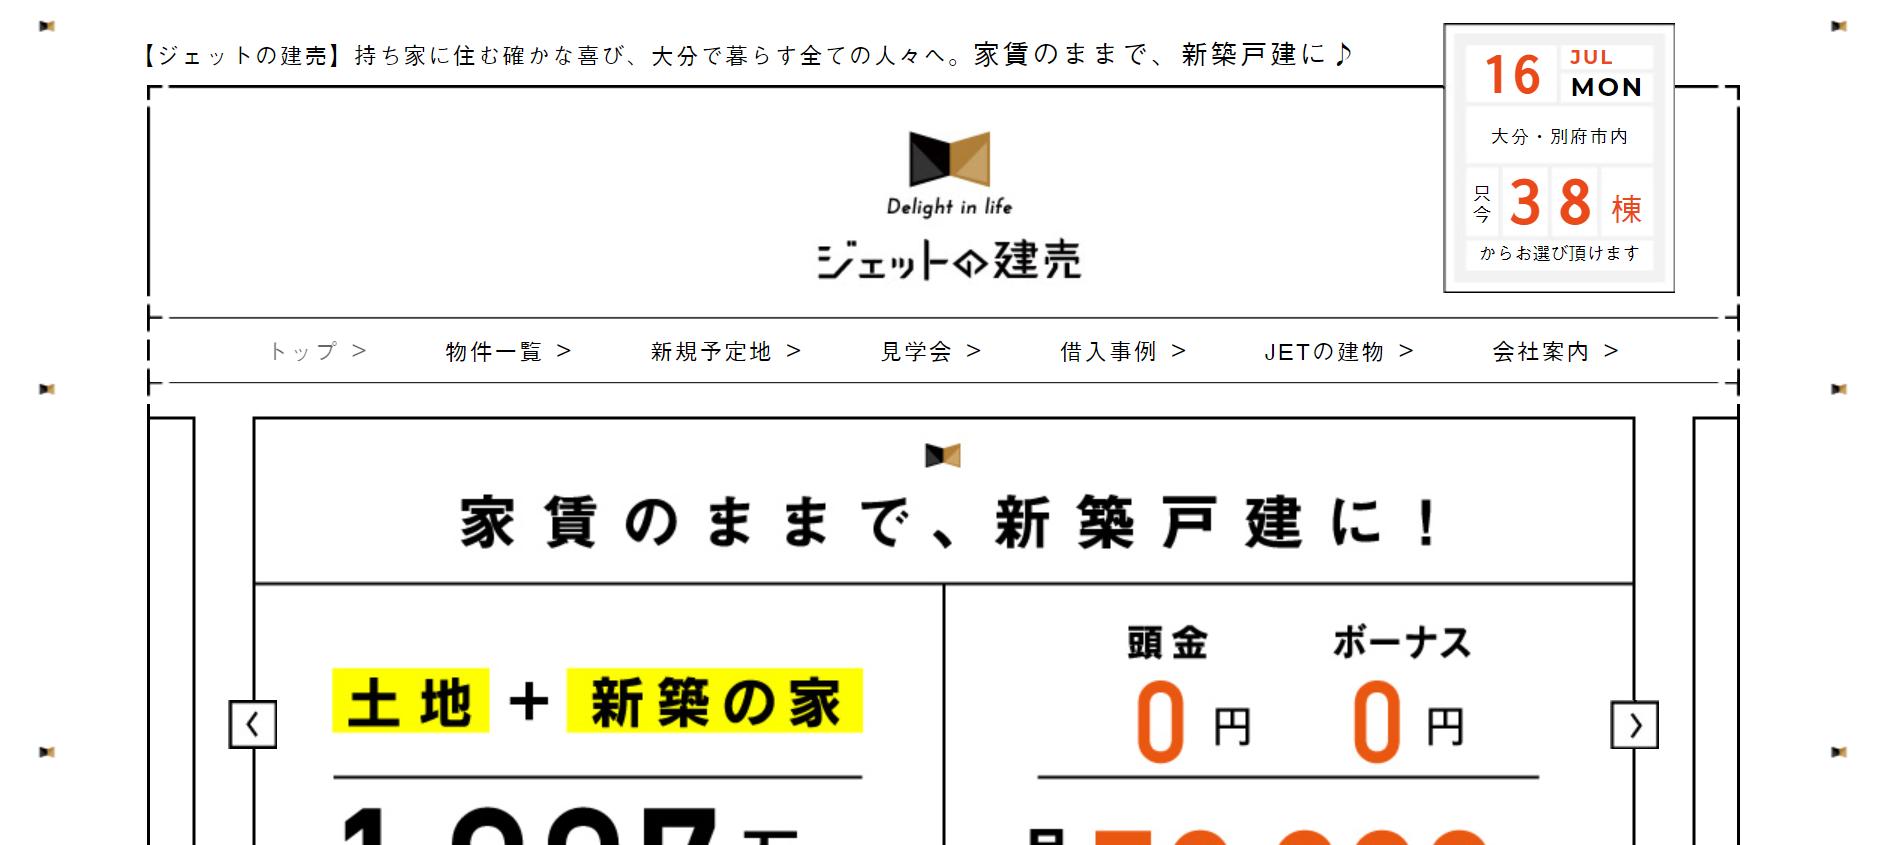 ジェットコーポレーションの評判・口コミ【大分エリア】